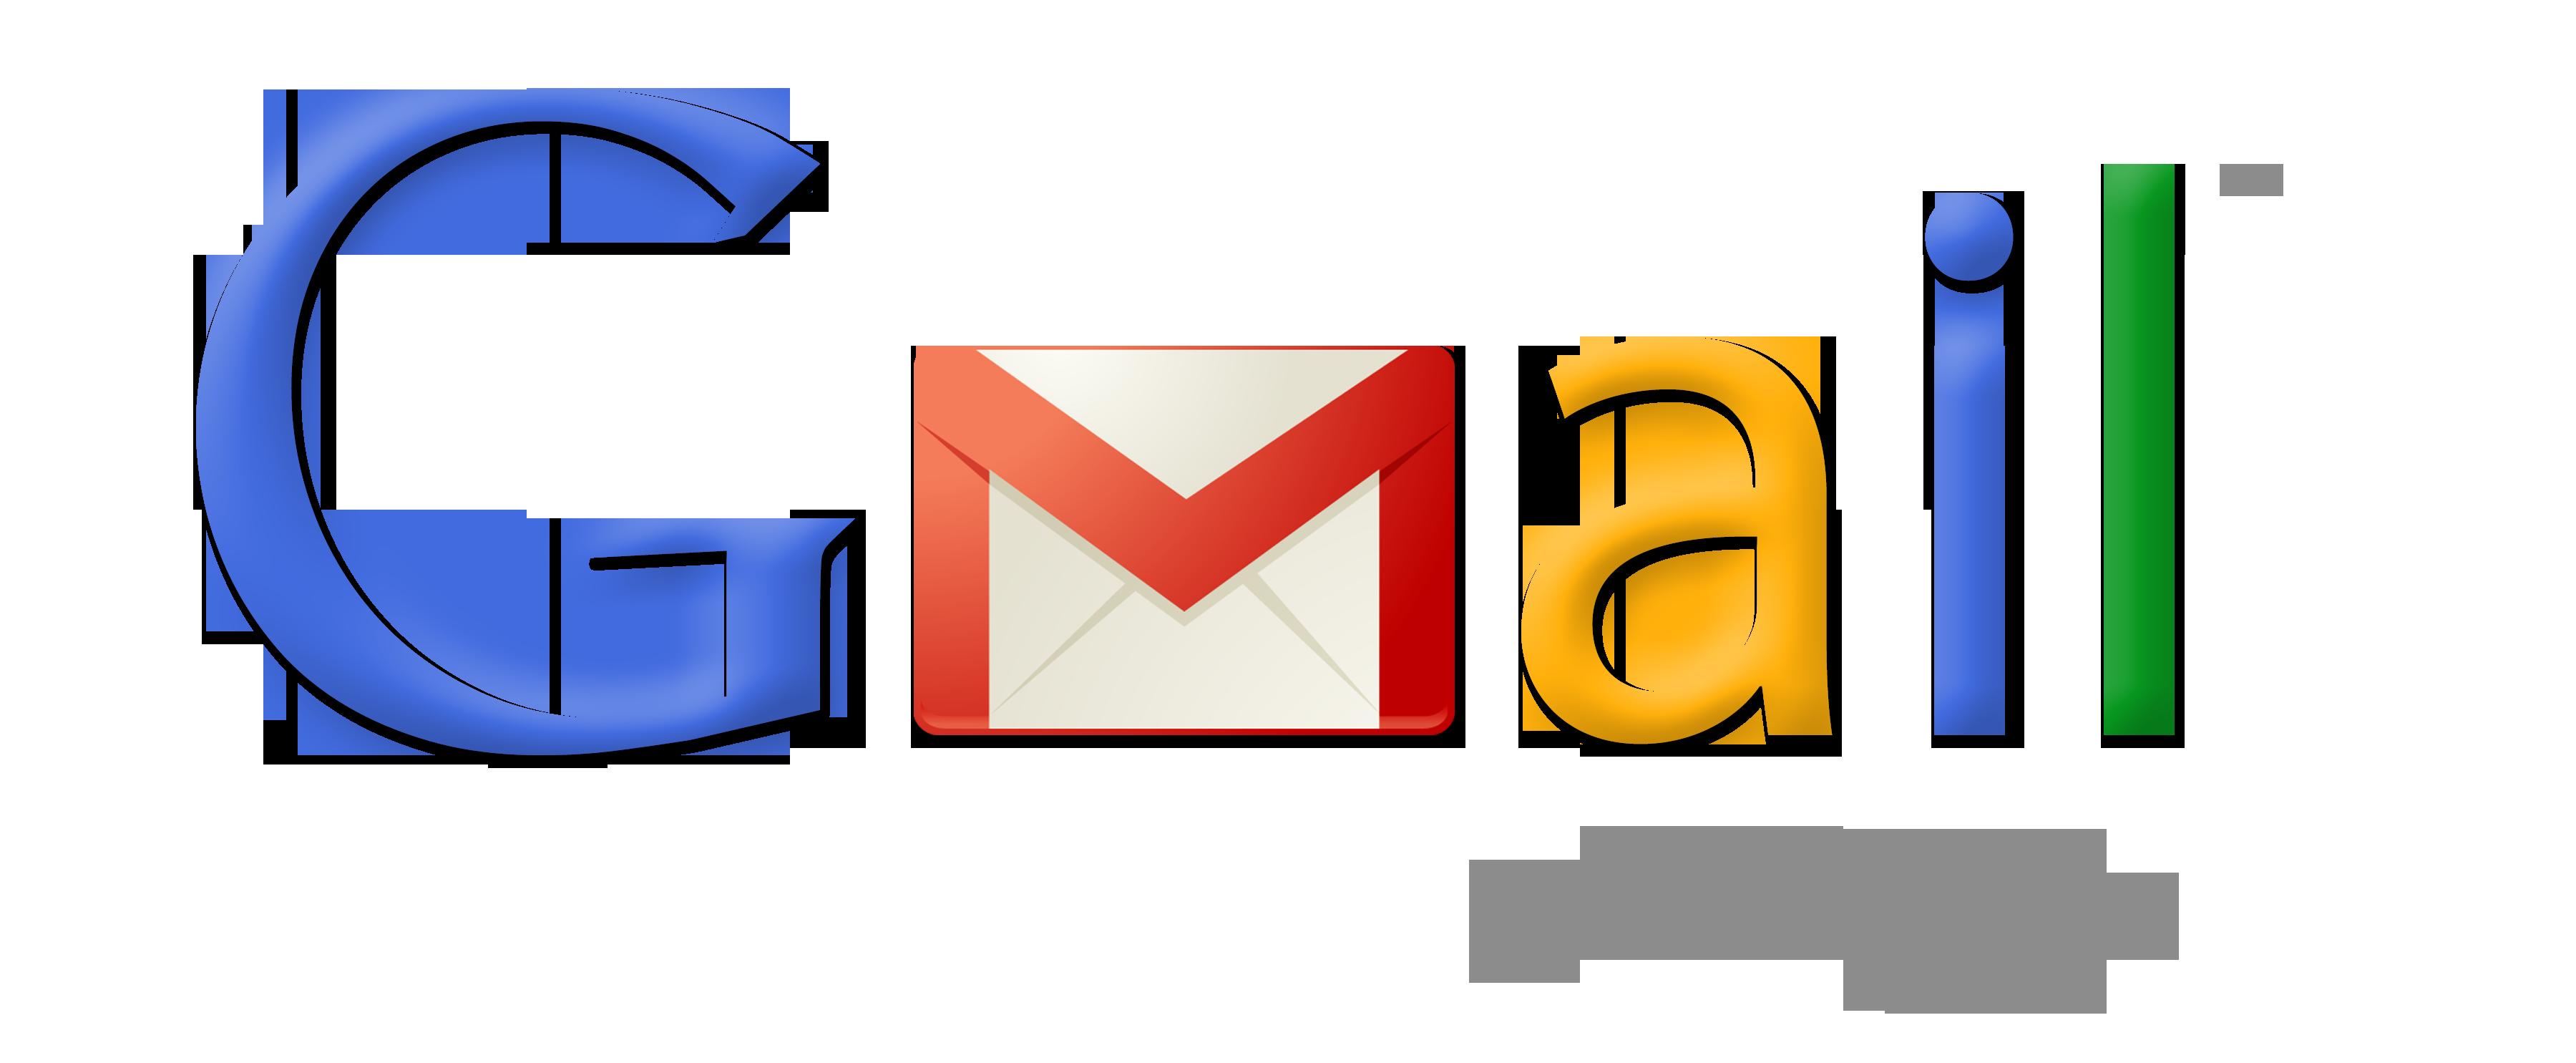 就活の必須アイテム「Gmail」の設定注意!3つのこと